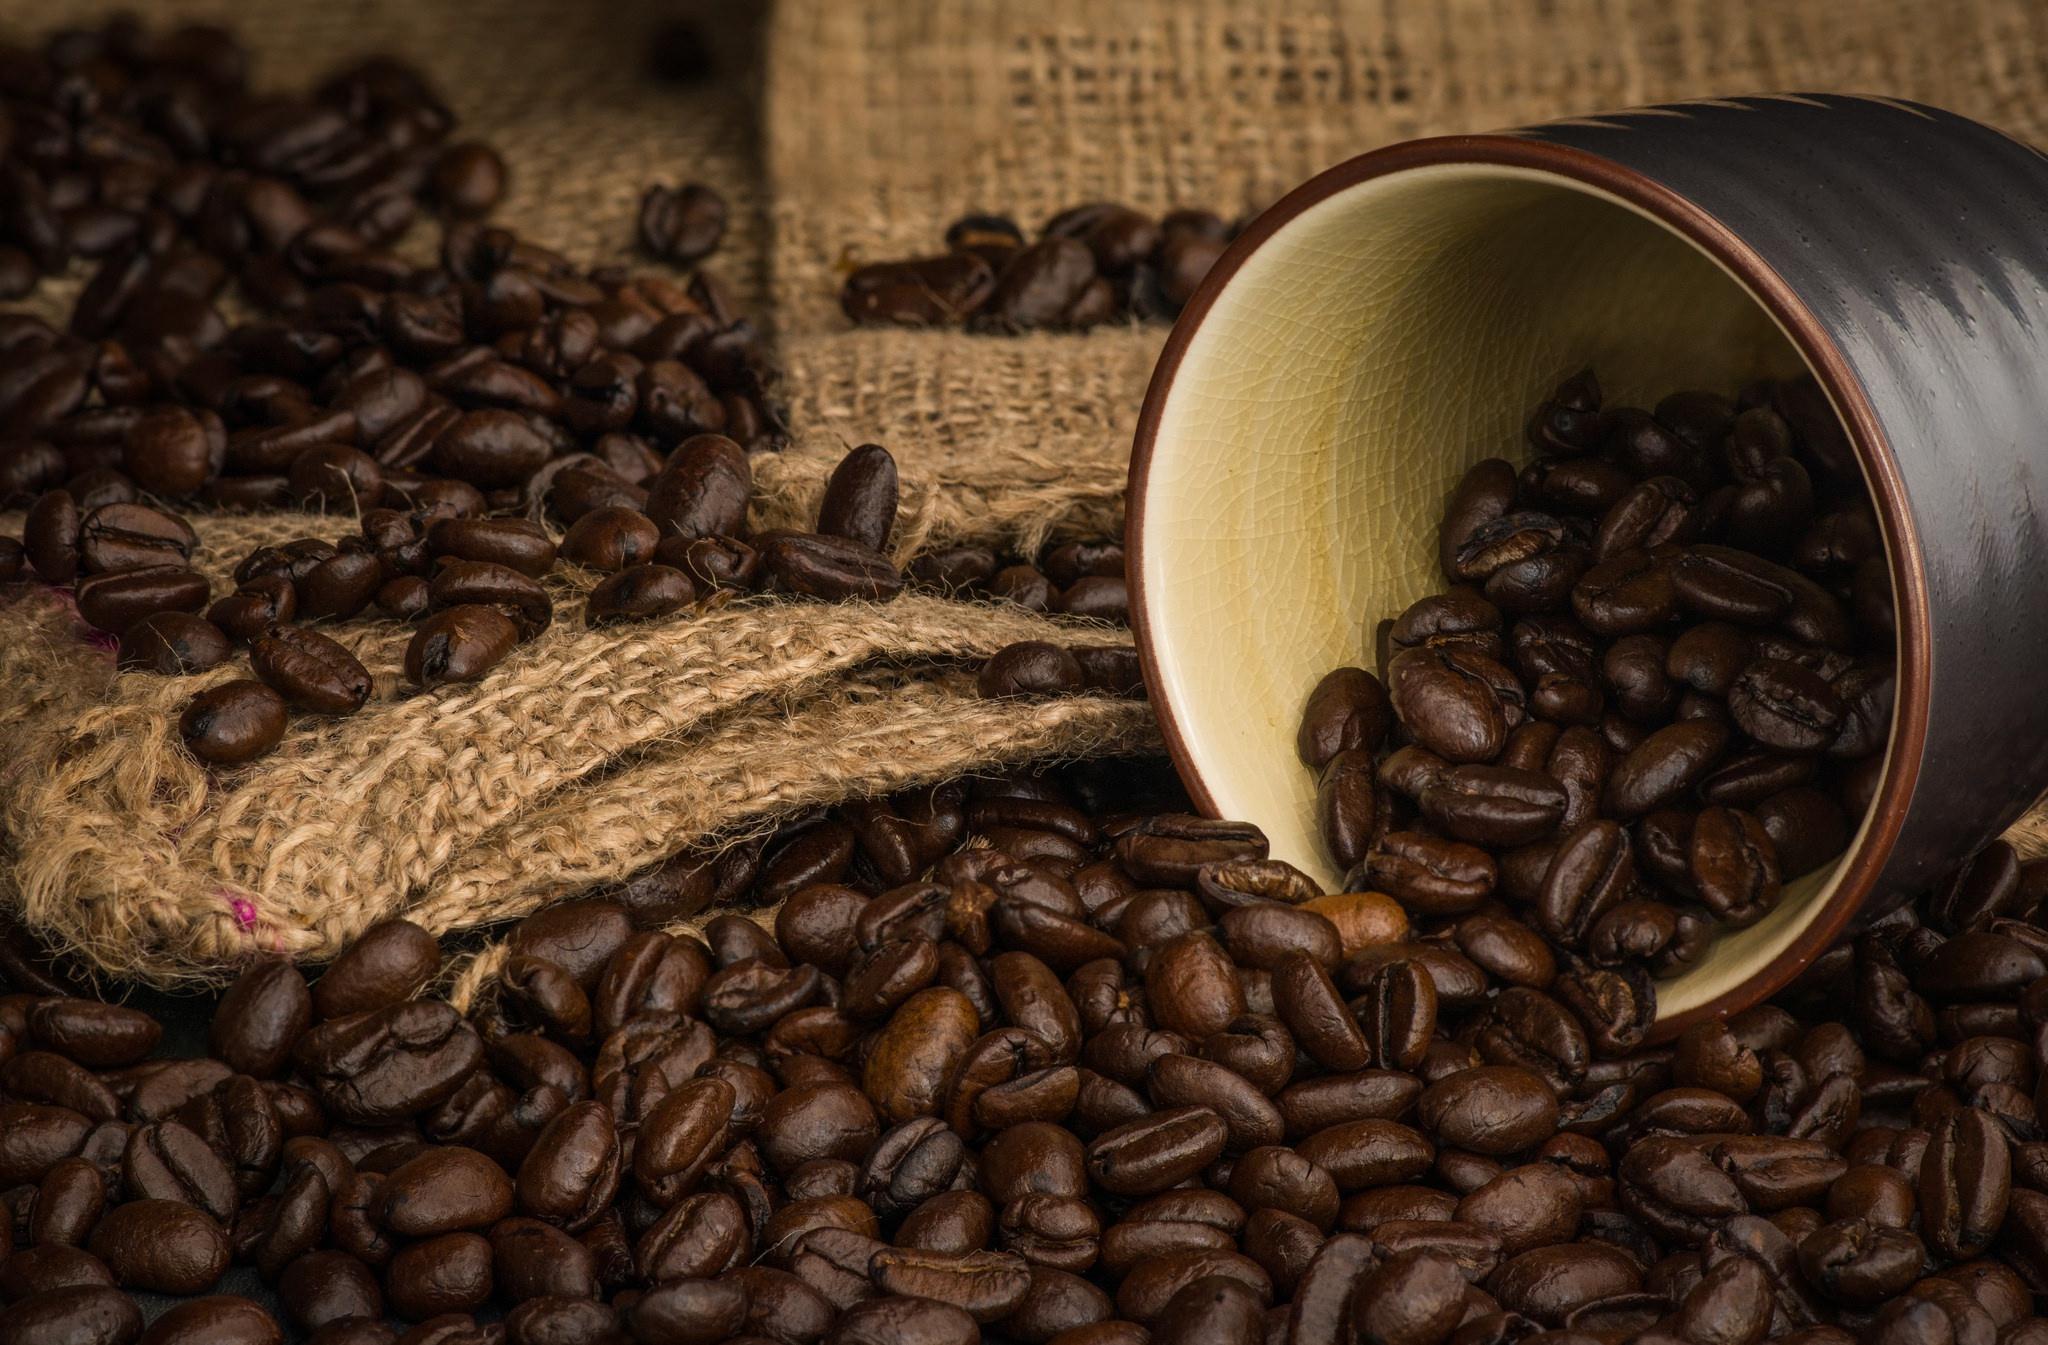 кофейные зерна мешковина ткань  № 3696099  скачать